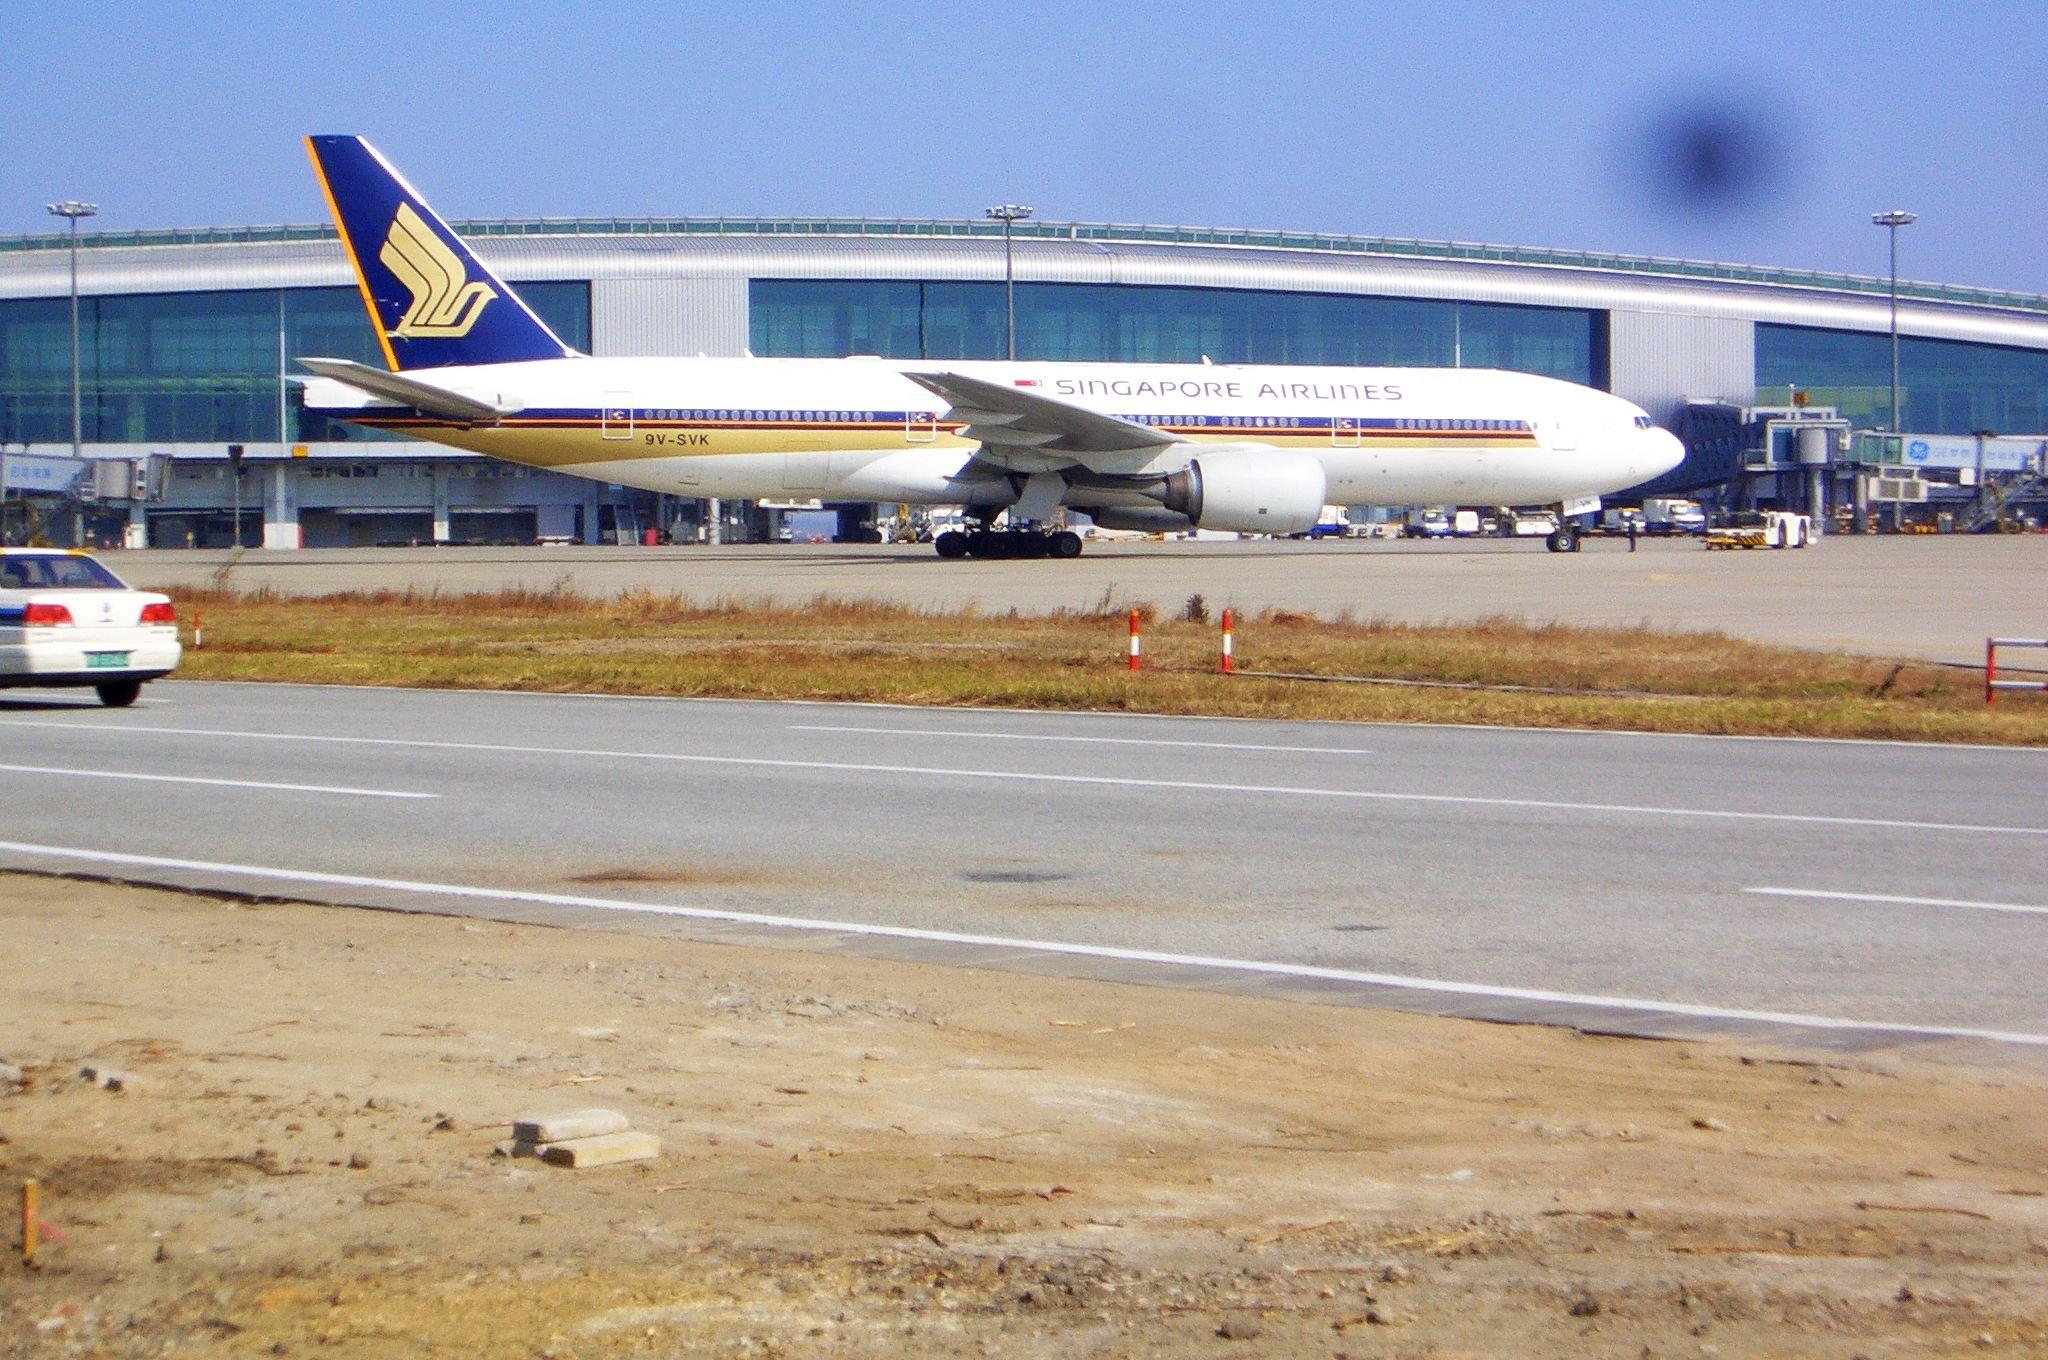 Re:[原创]恢复信心后的第一次发帖,09年第一次活动 BOEING 777-200 9V-SVK 中国广州白云机场